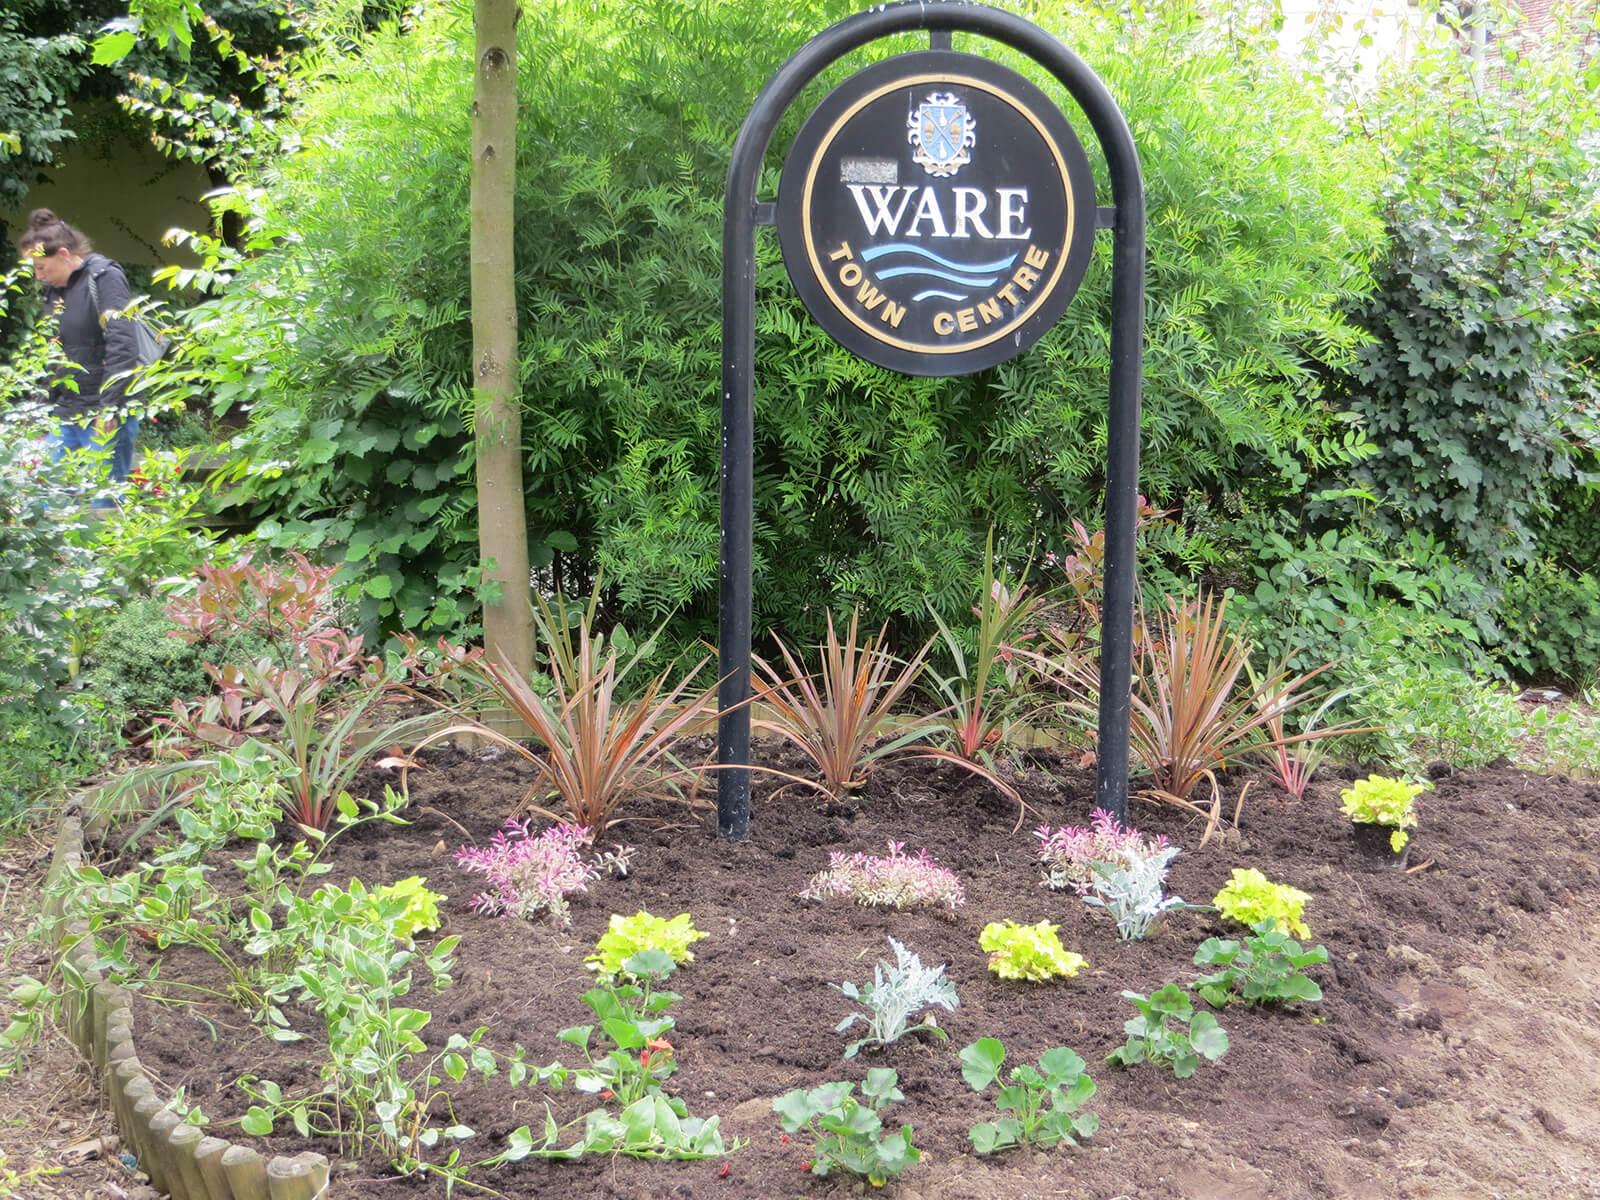 June-2-Ware-Bed